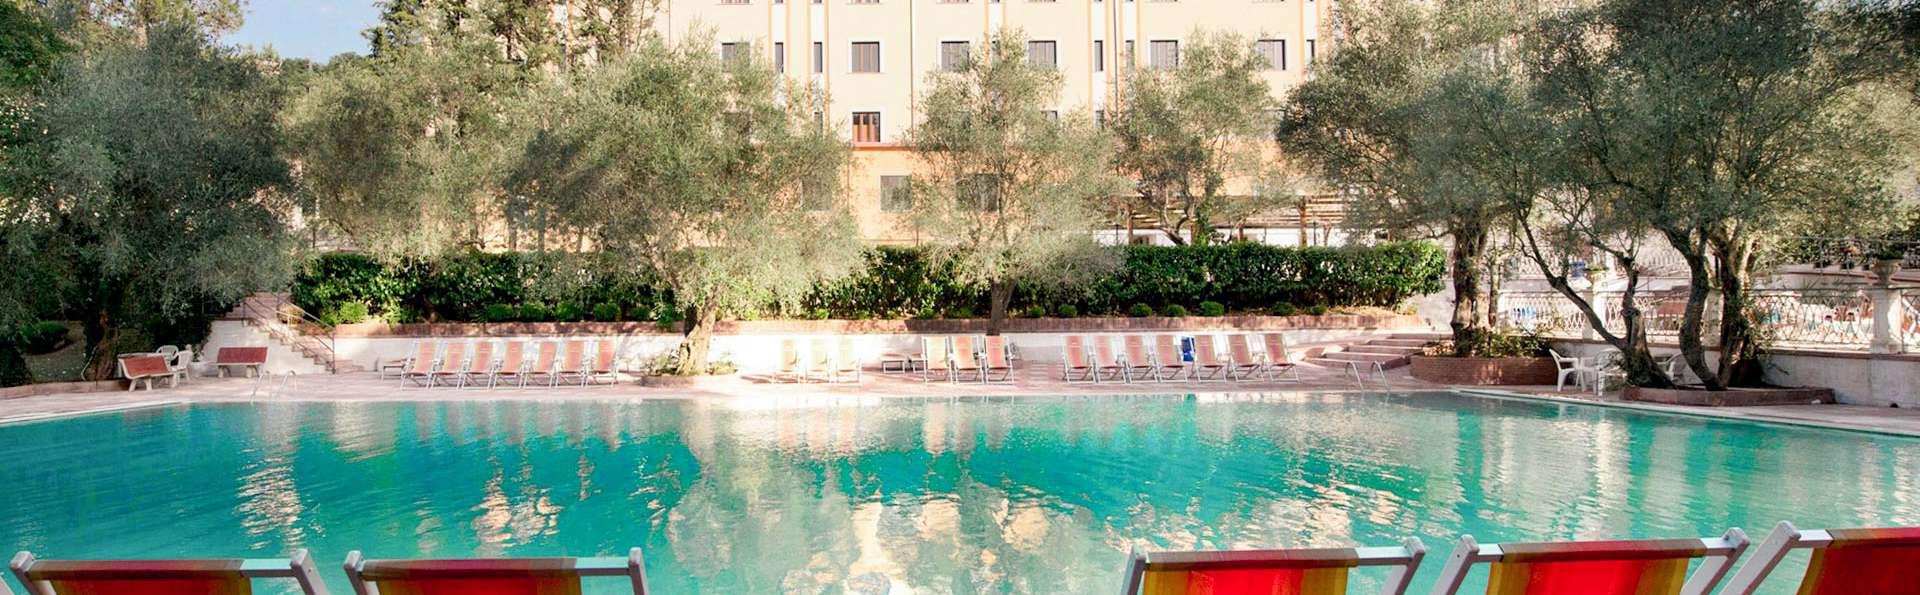 Hotel Terme Forlenza - EDIT_POOL_03.jpg